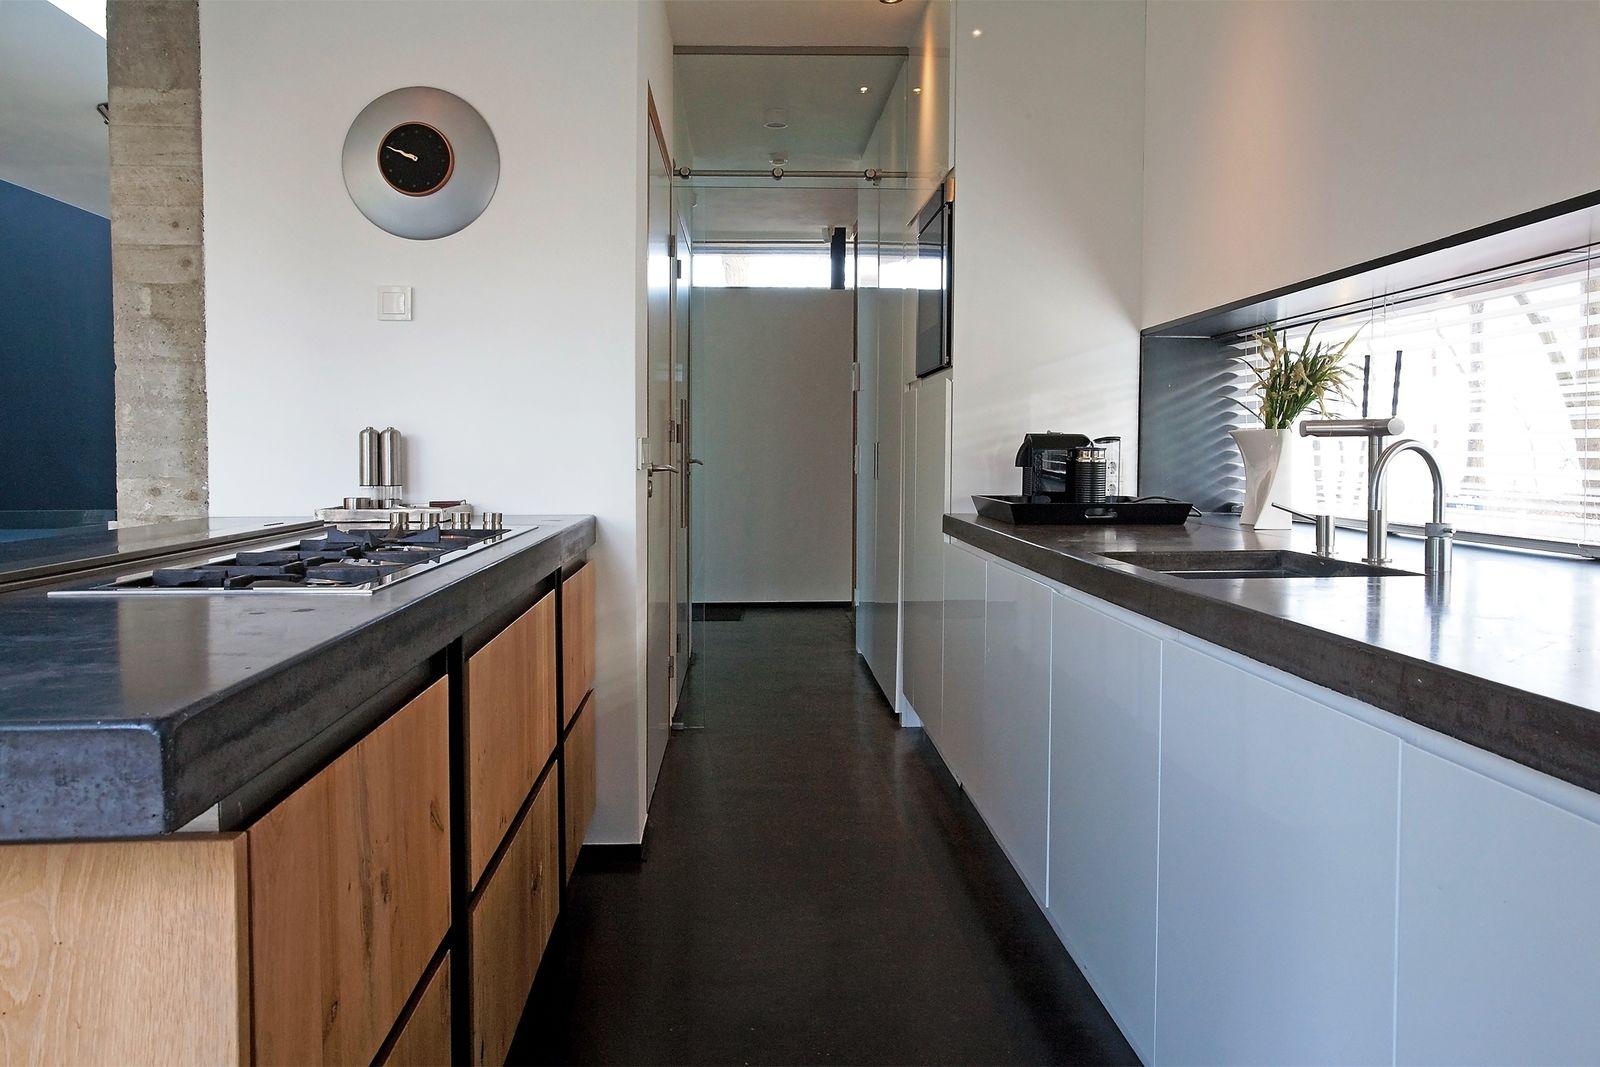 Afbeelding van Betonnen Boshuis - luxe design vakantiehuis in Brabant